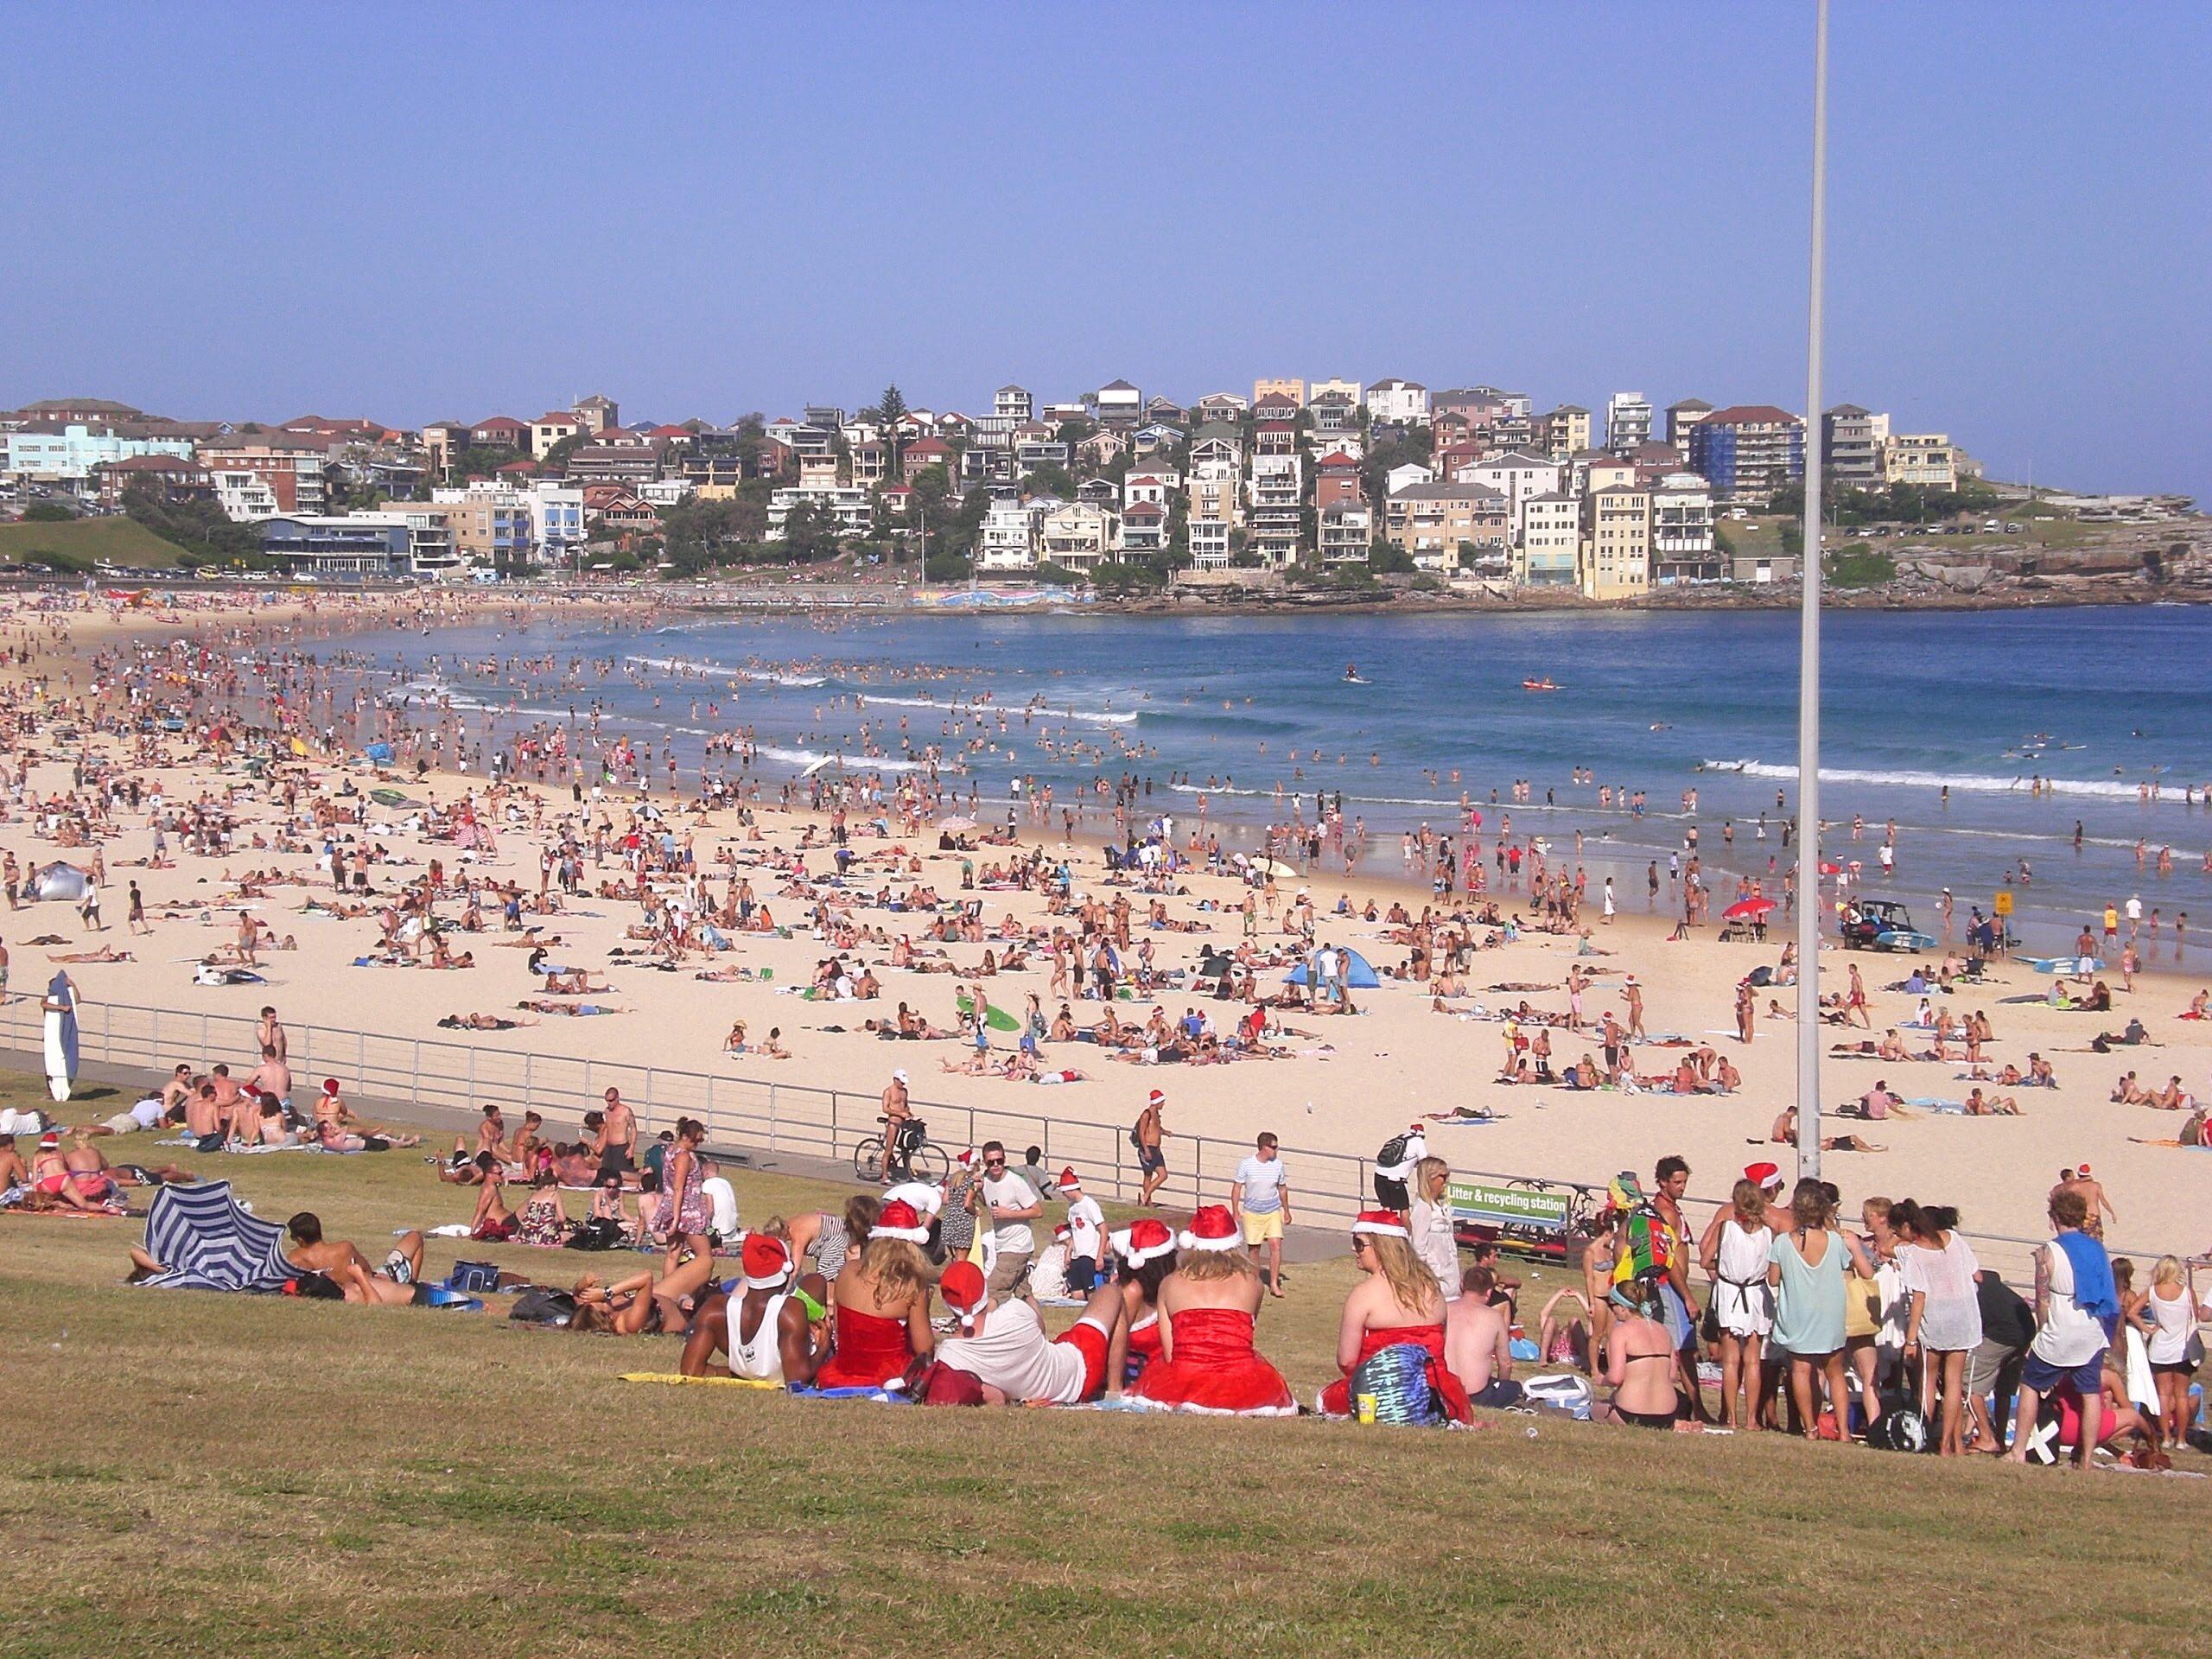 南半球オーストラリアの真夏のクリスマスはどうやって過ごす?